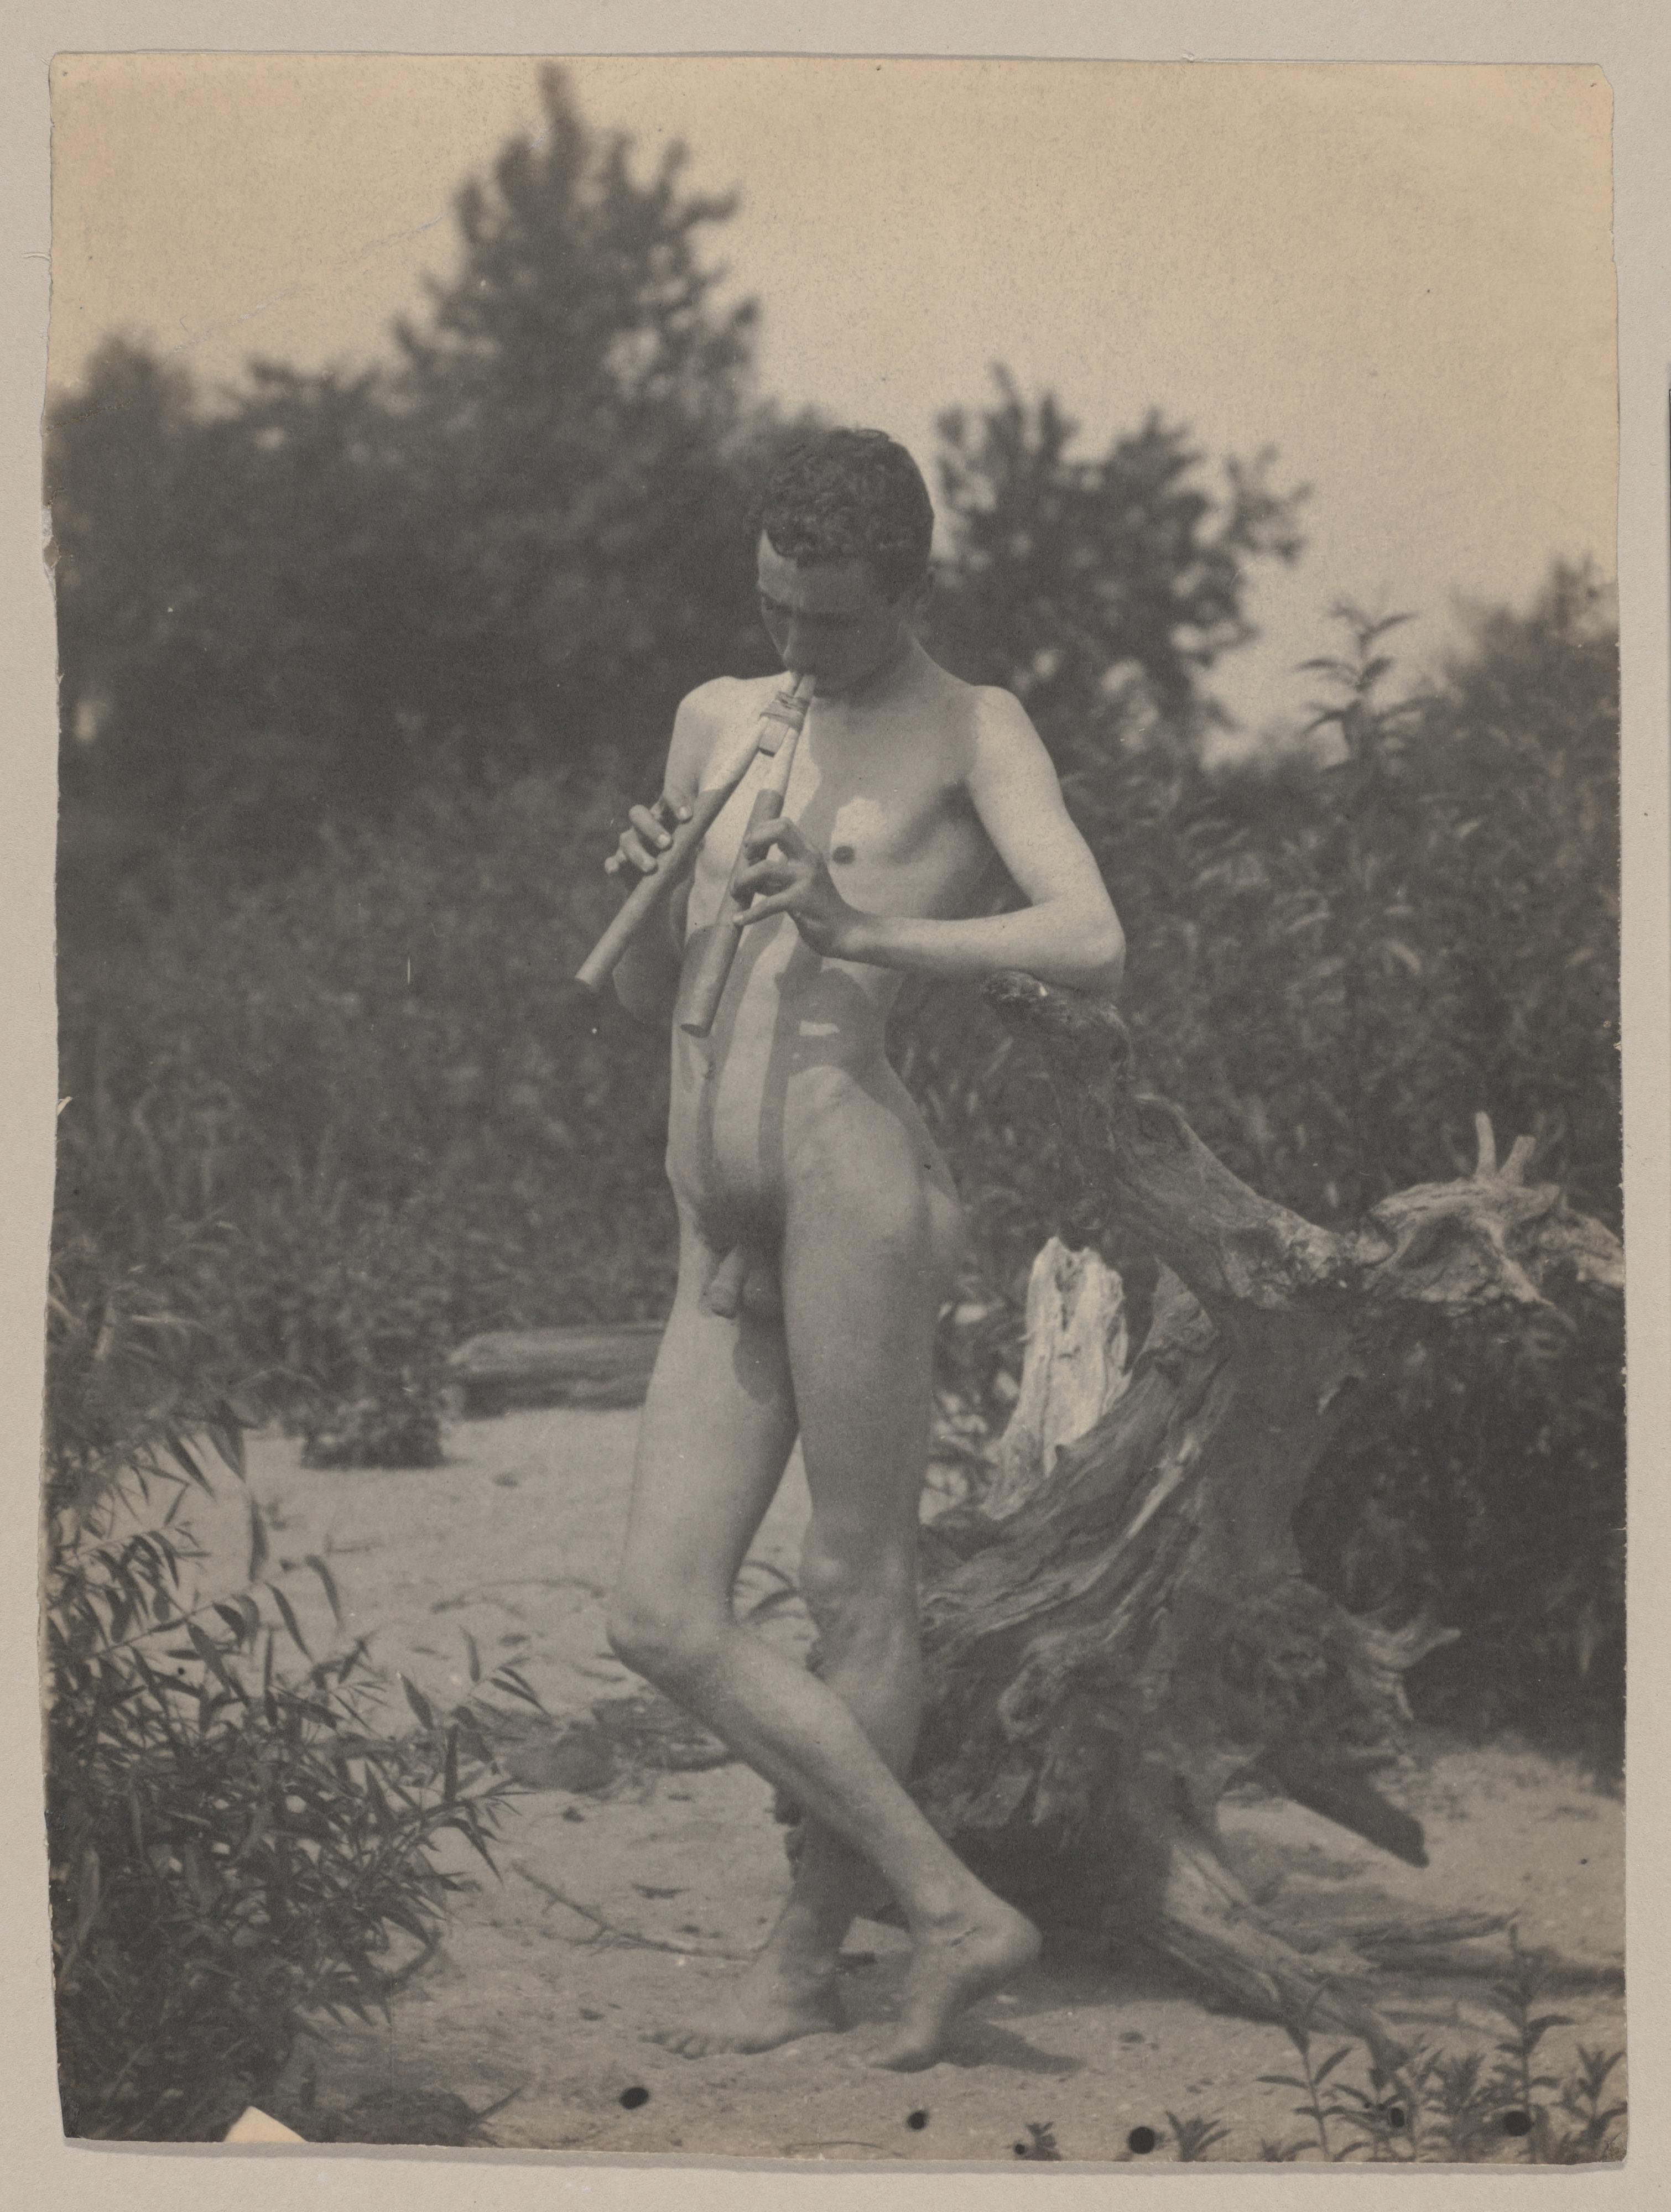 nude native male model